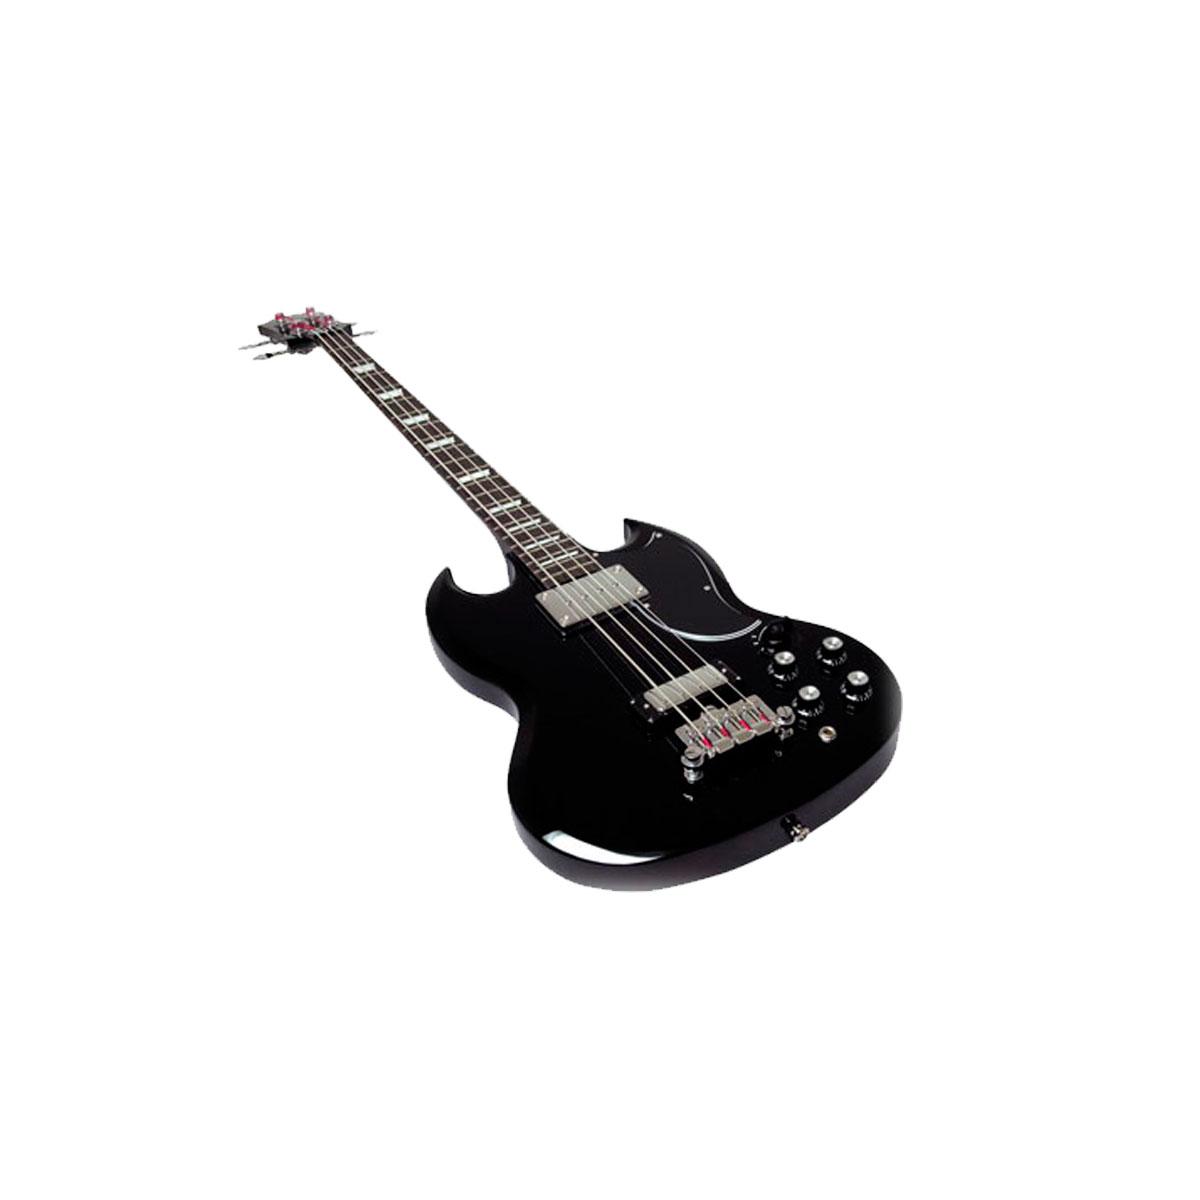 Contrabaixo EB-3 SG Bass Black - Epiphone